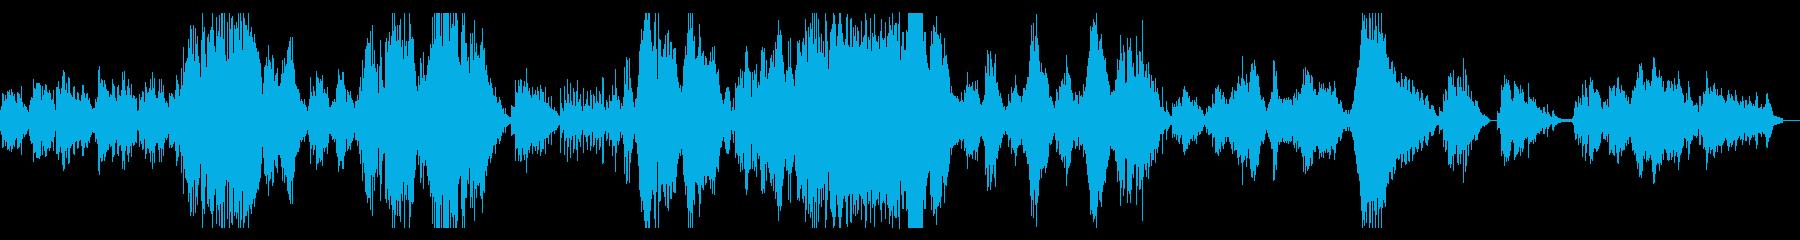 Jeux d'eau / Ravel の再生済みの波形